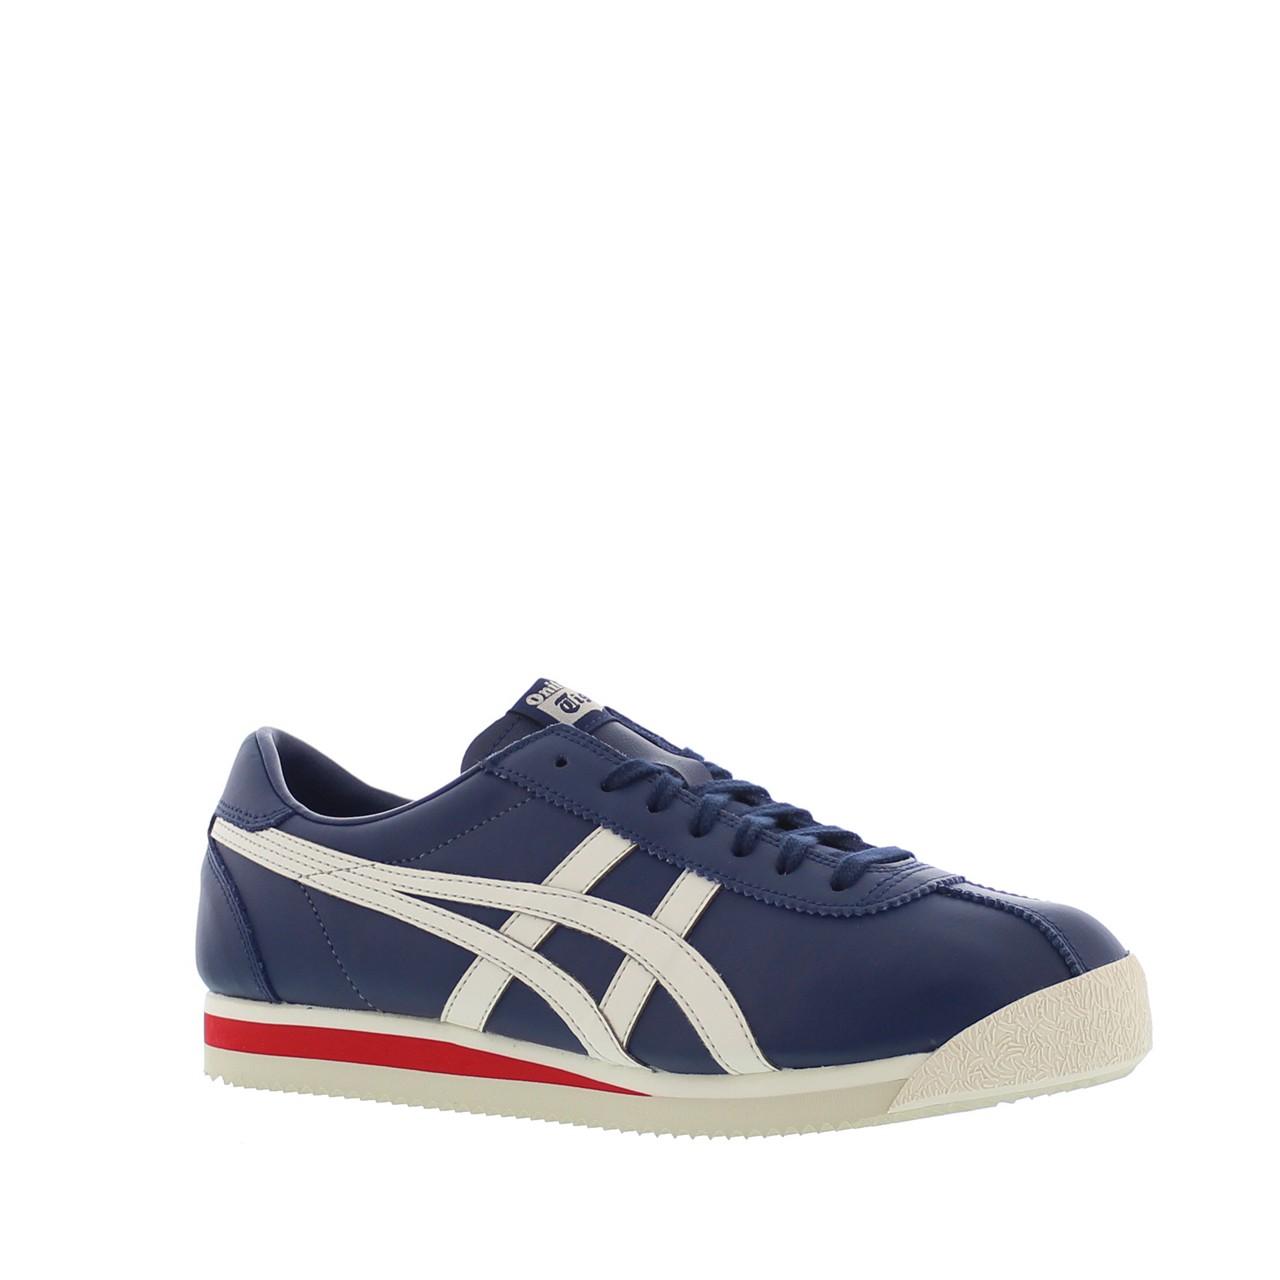 Afbeelding van Asics Tiger Sneakers 180-85-22 blauw